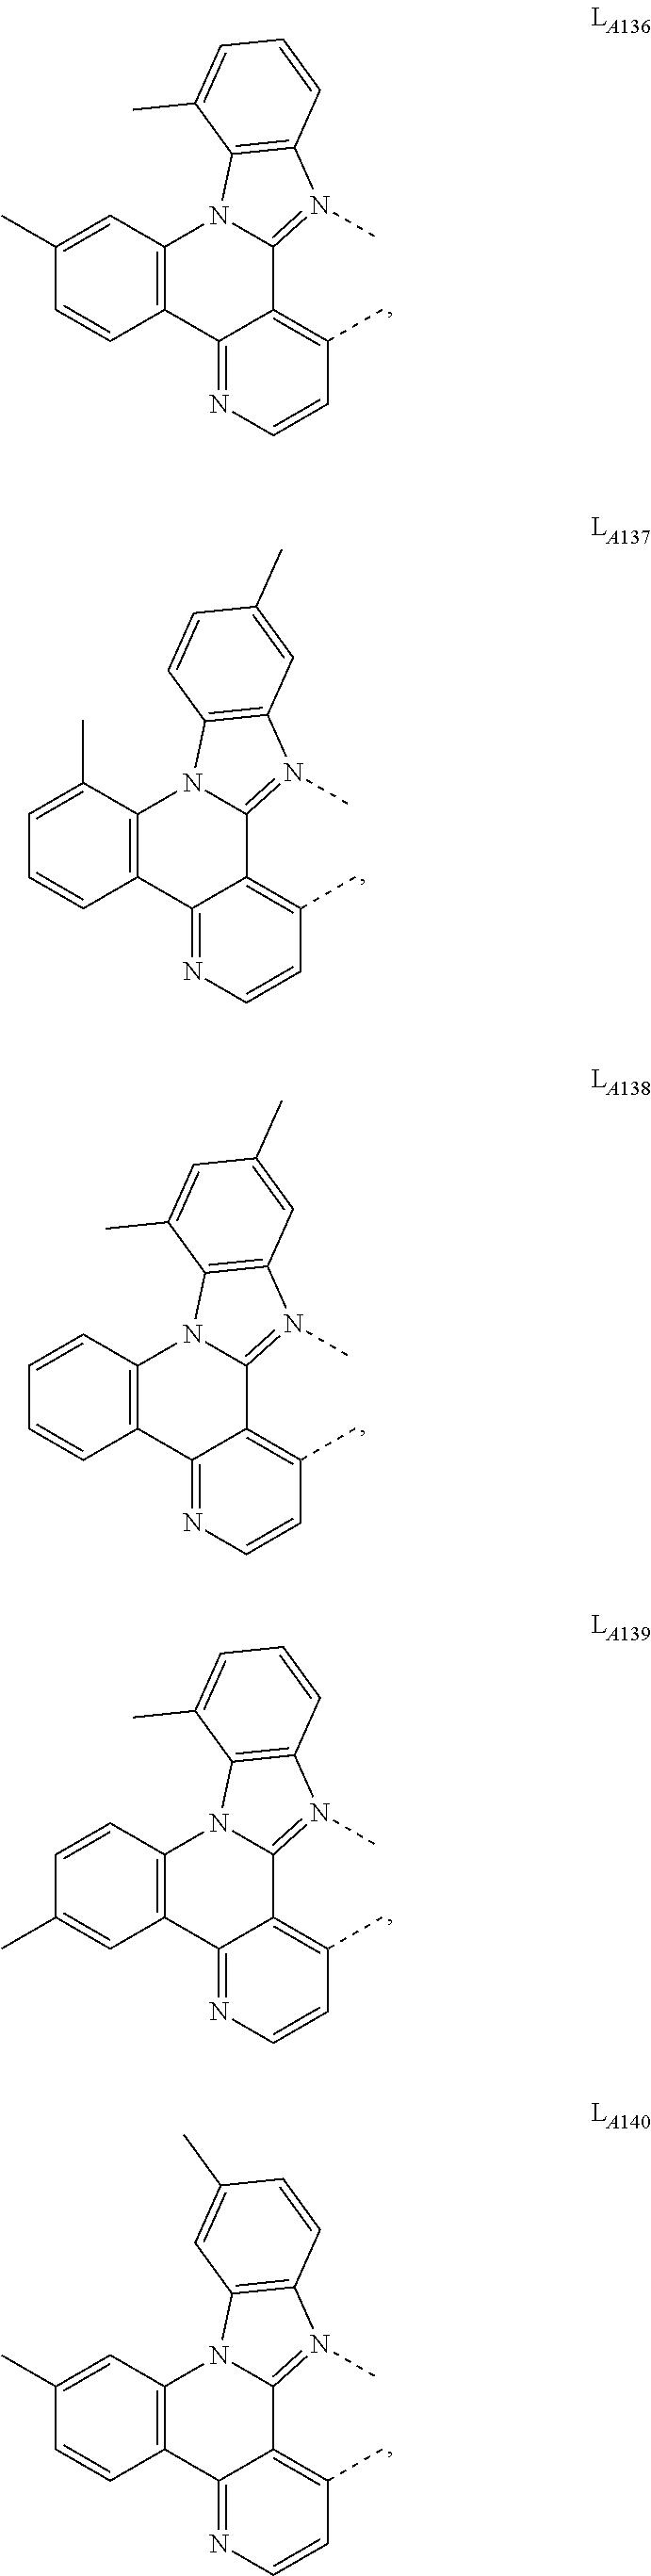 Figure US09905785-20180227-C00056